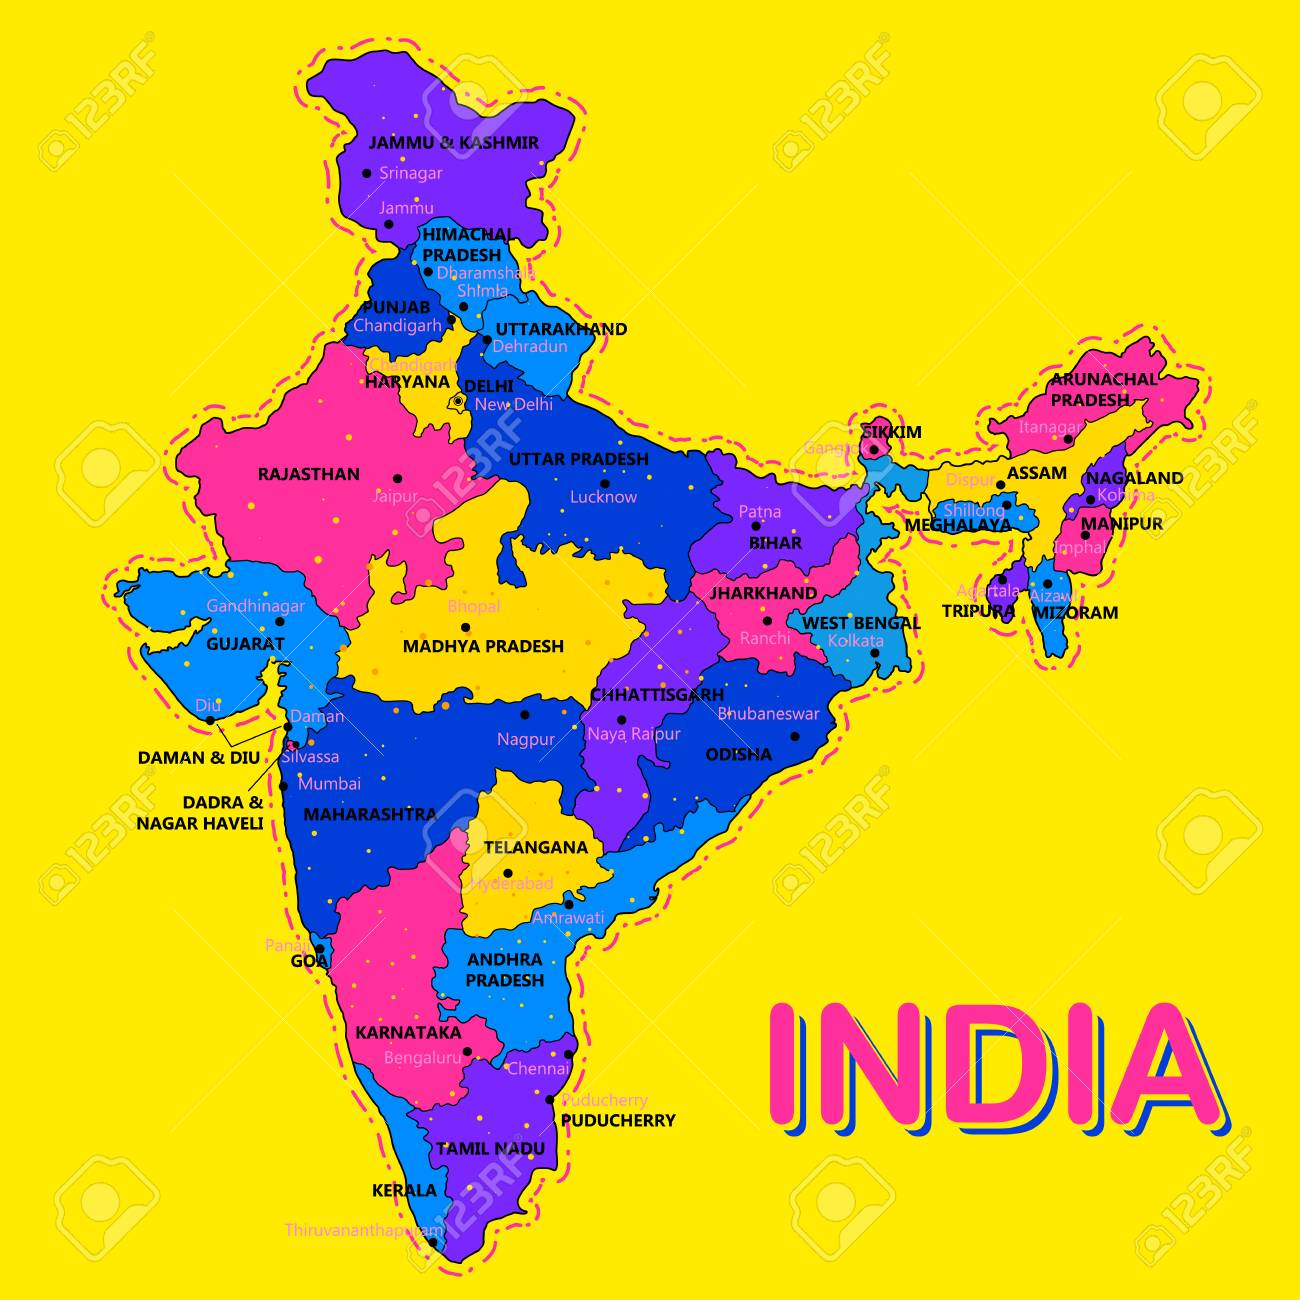 Carte Asie Inde.Carte Detaillee De L Inde De L Asie Avec Tous Les Etats Et Limites Du Pays